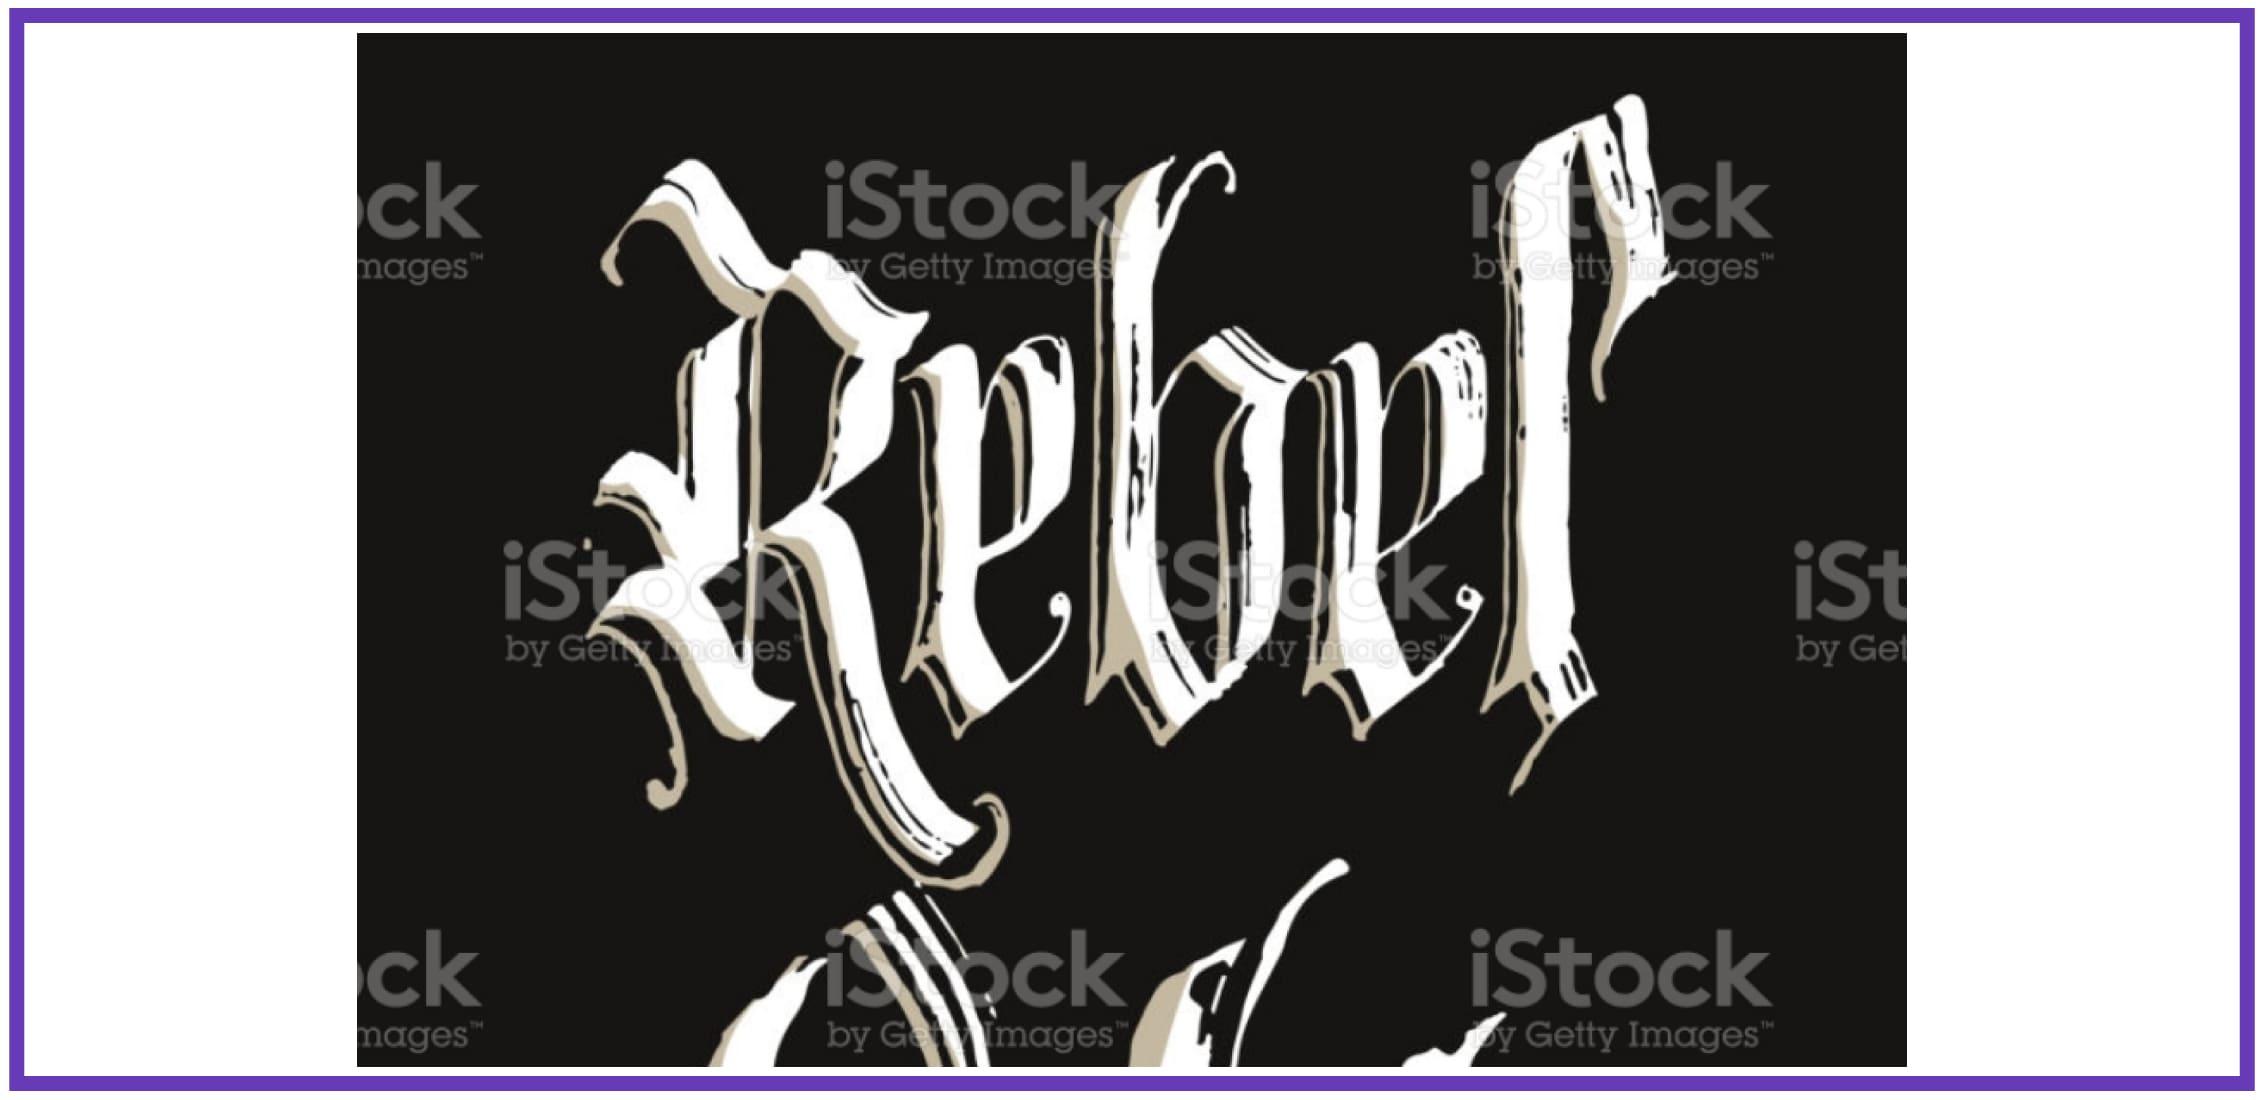 Rock-inspired Rebel. Punk Font.